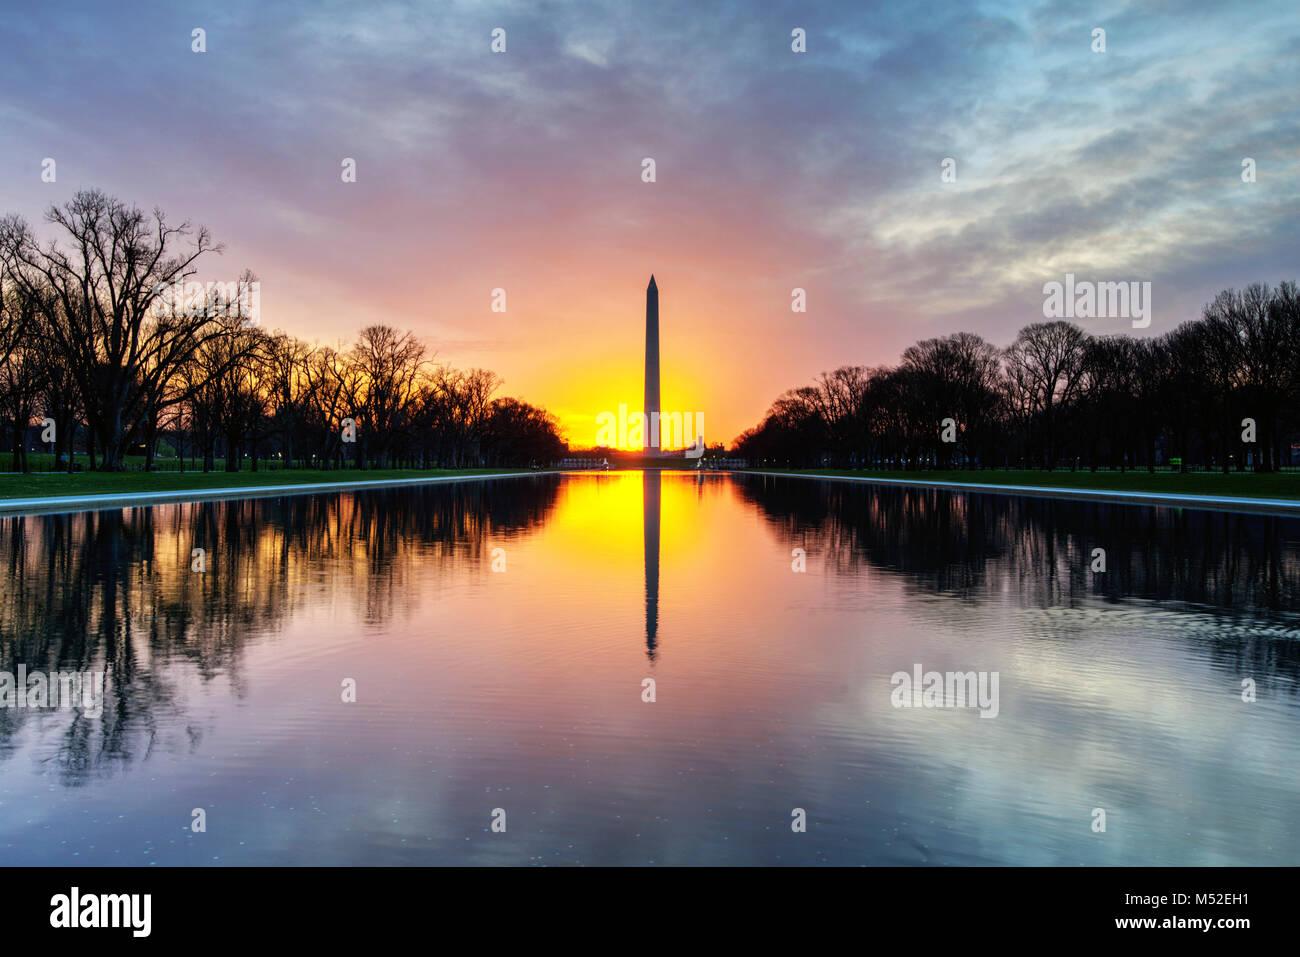 Sonnenaufgang über dem Washington Monument und einen reflektierenden Pool, National Mall, Washington, DC Stockbild